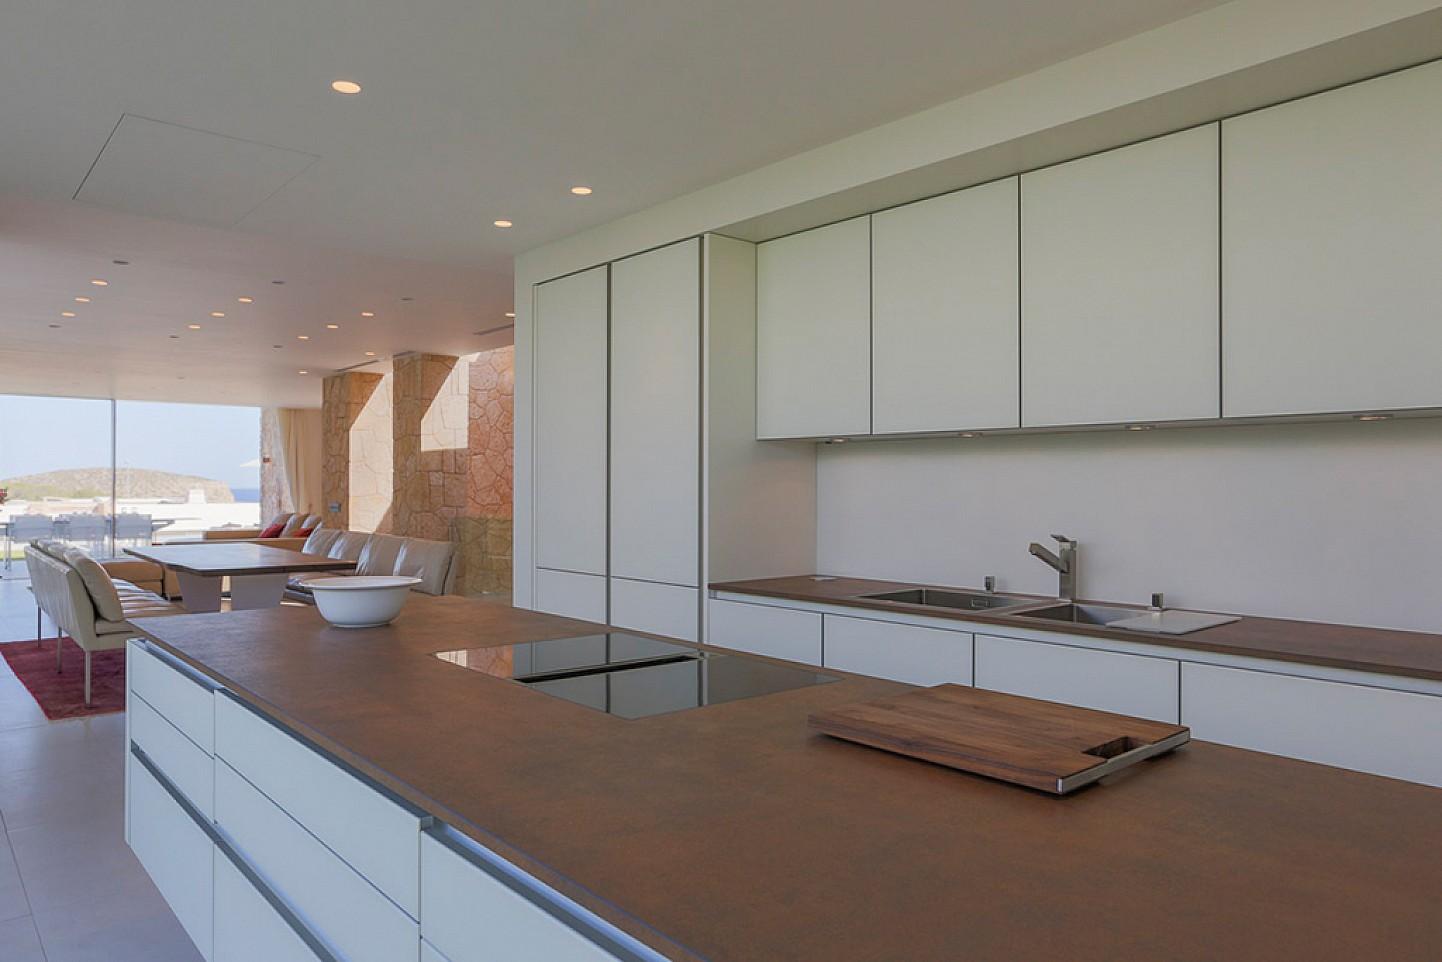 Cocina espaciosa completamente equipada